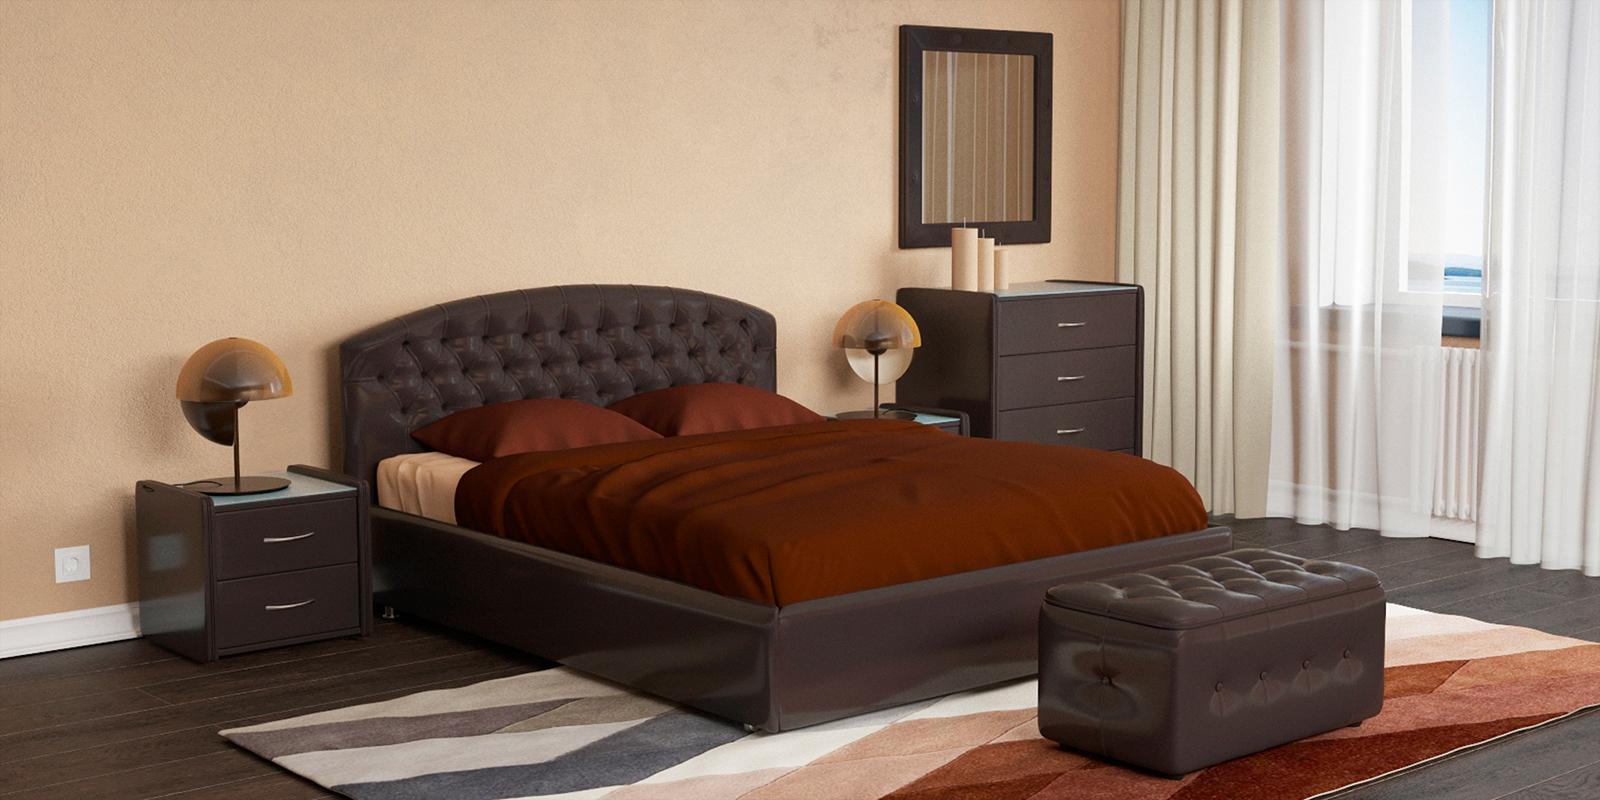 Мягкая кровать 200х160 Малибу вариант №1 с ортопедическим основанием (Шоколад) Малибу